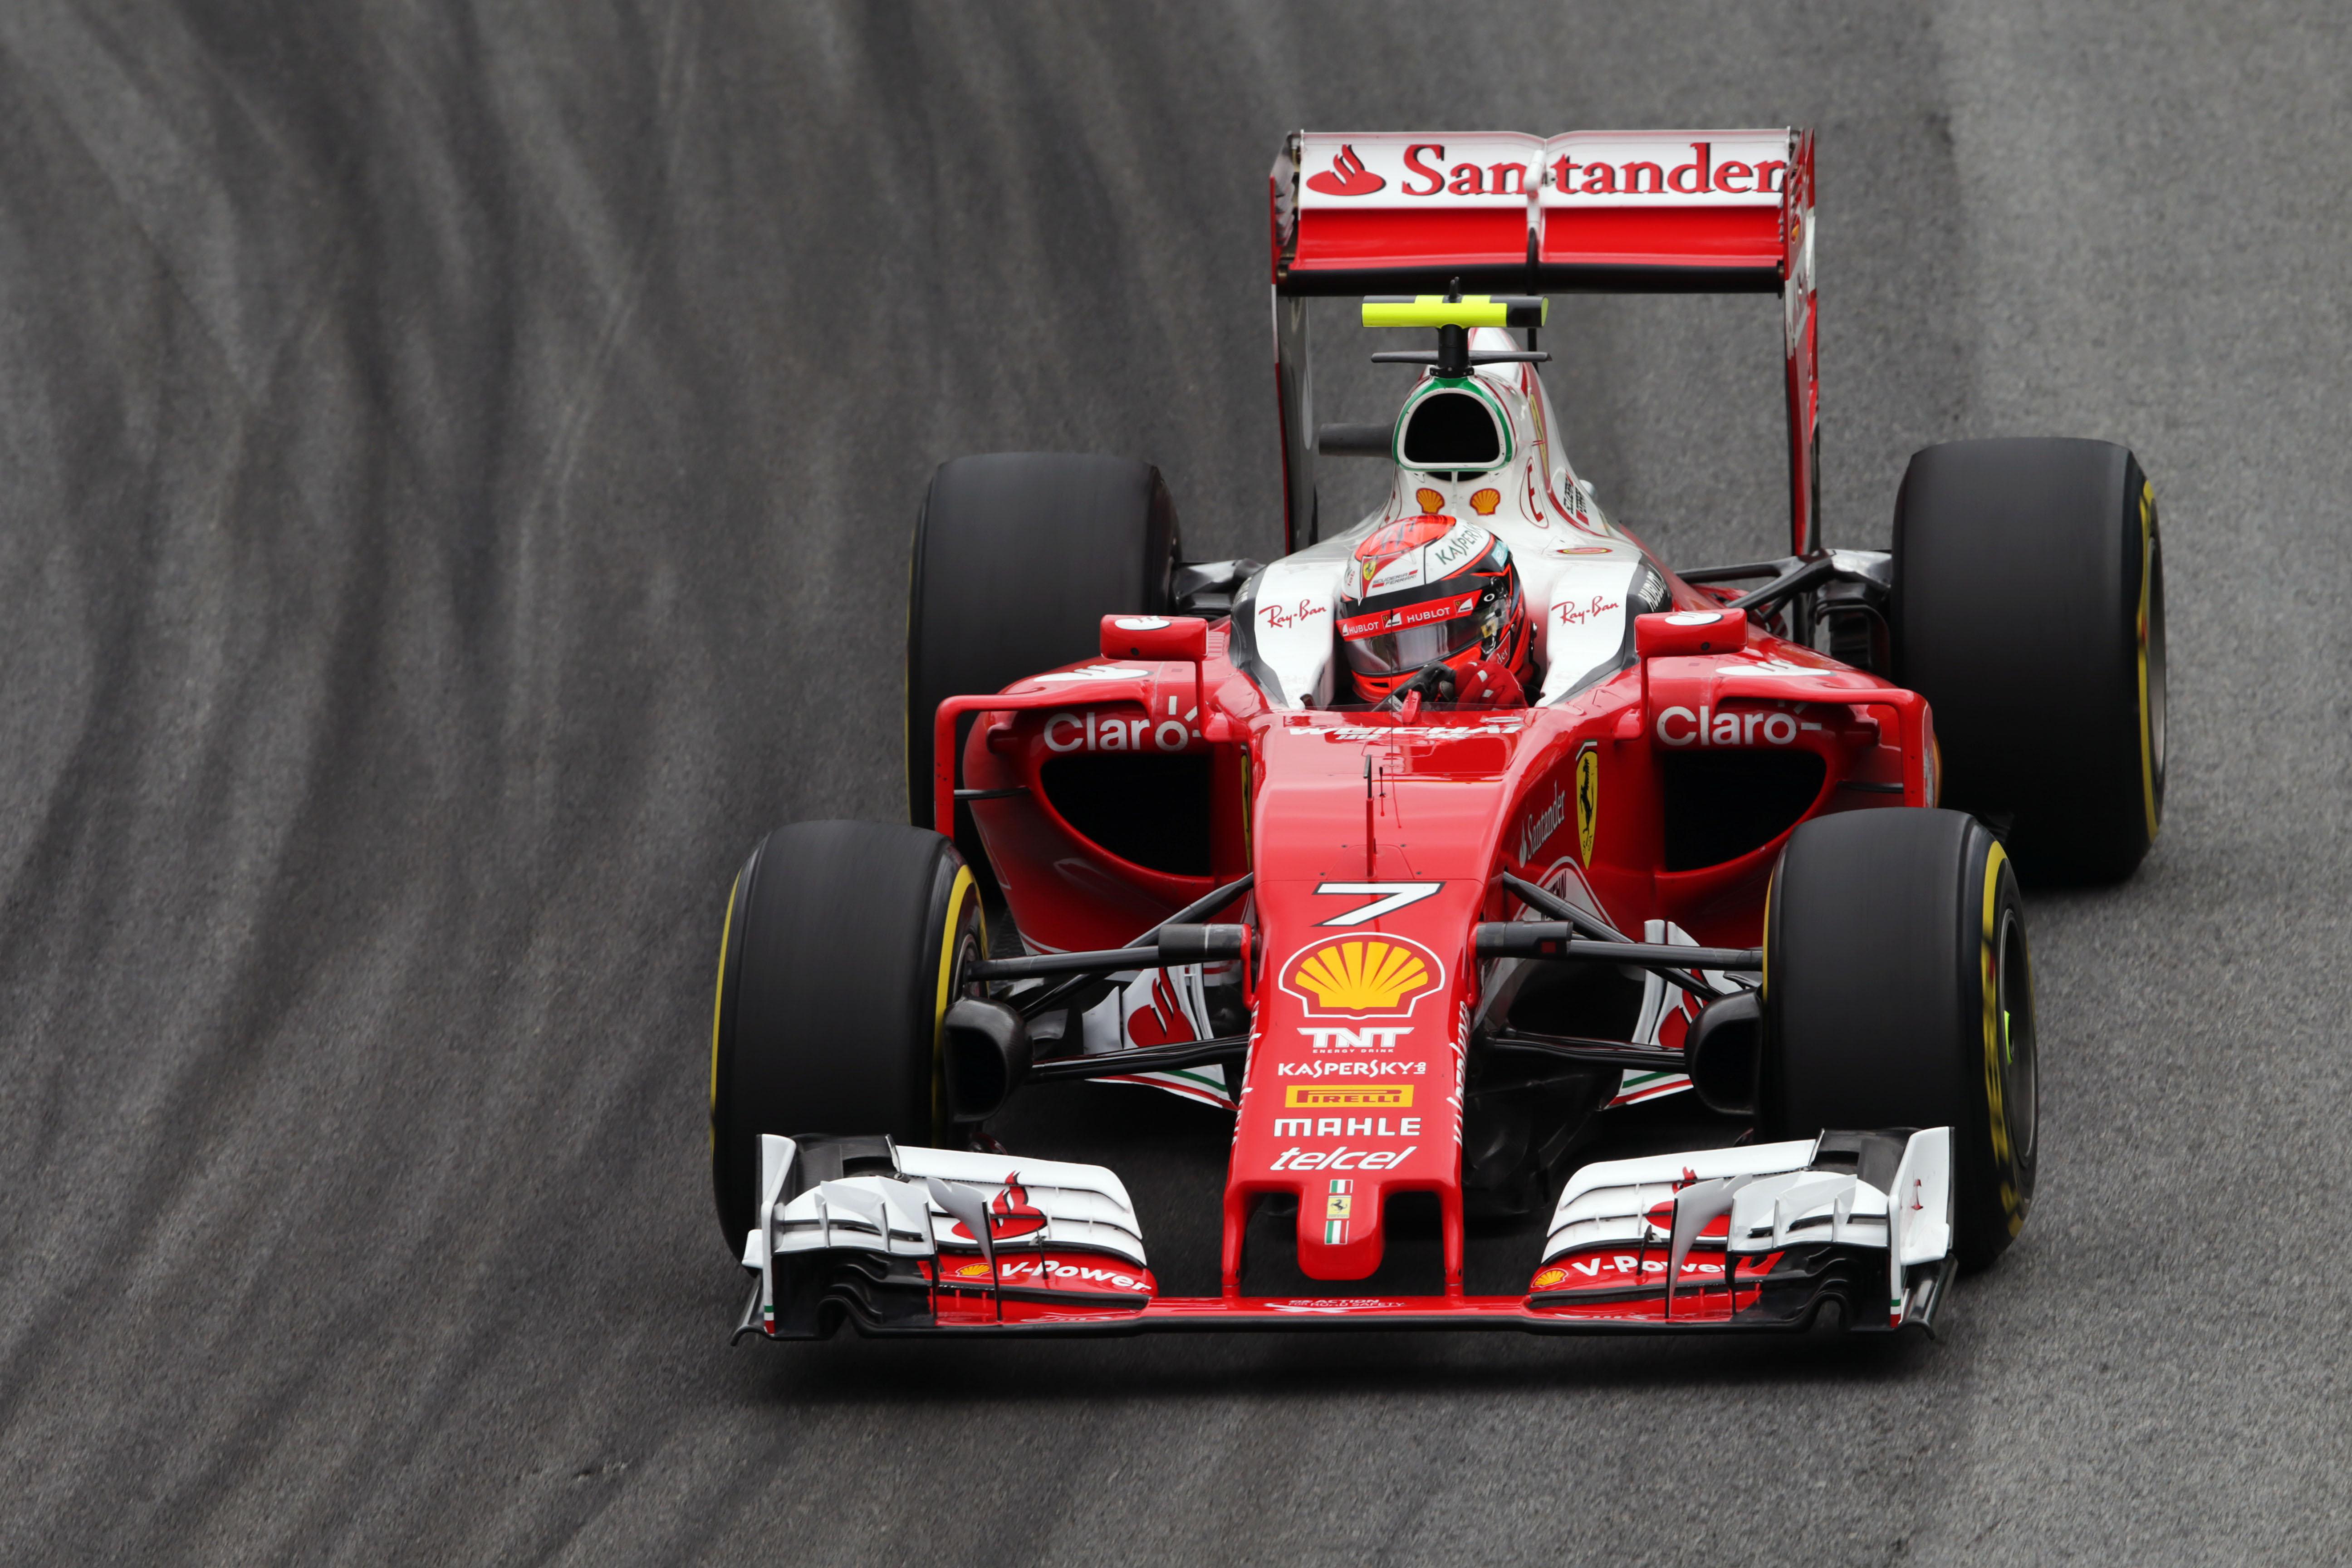 Kimi Raikkonen Scuderia Ferrari Sf16 H Marco S Formula 1 Page